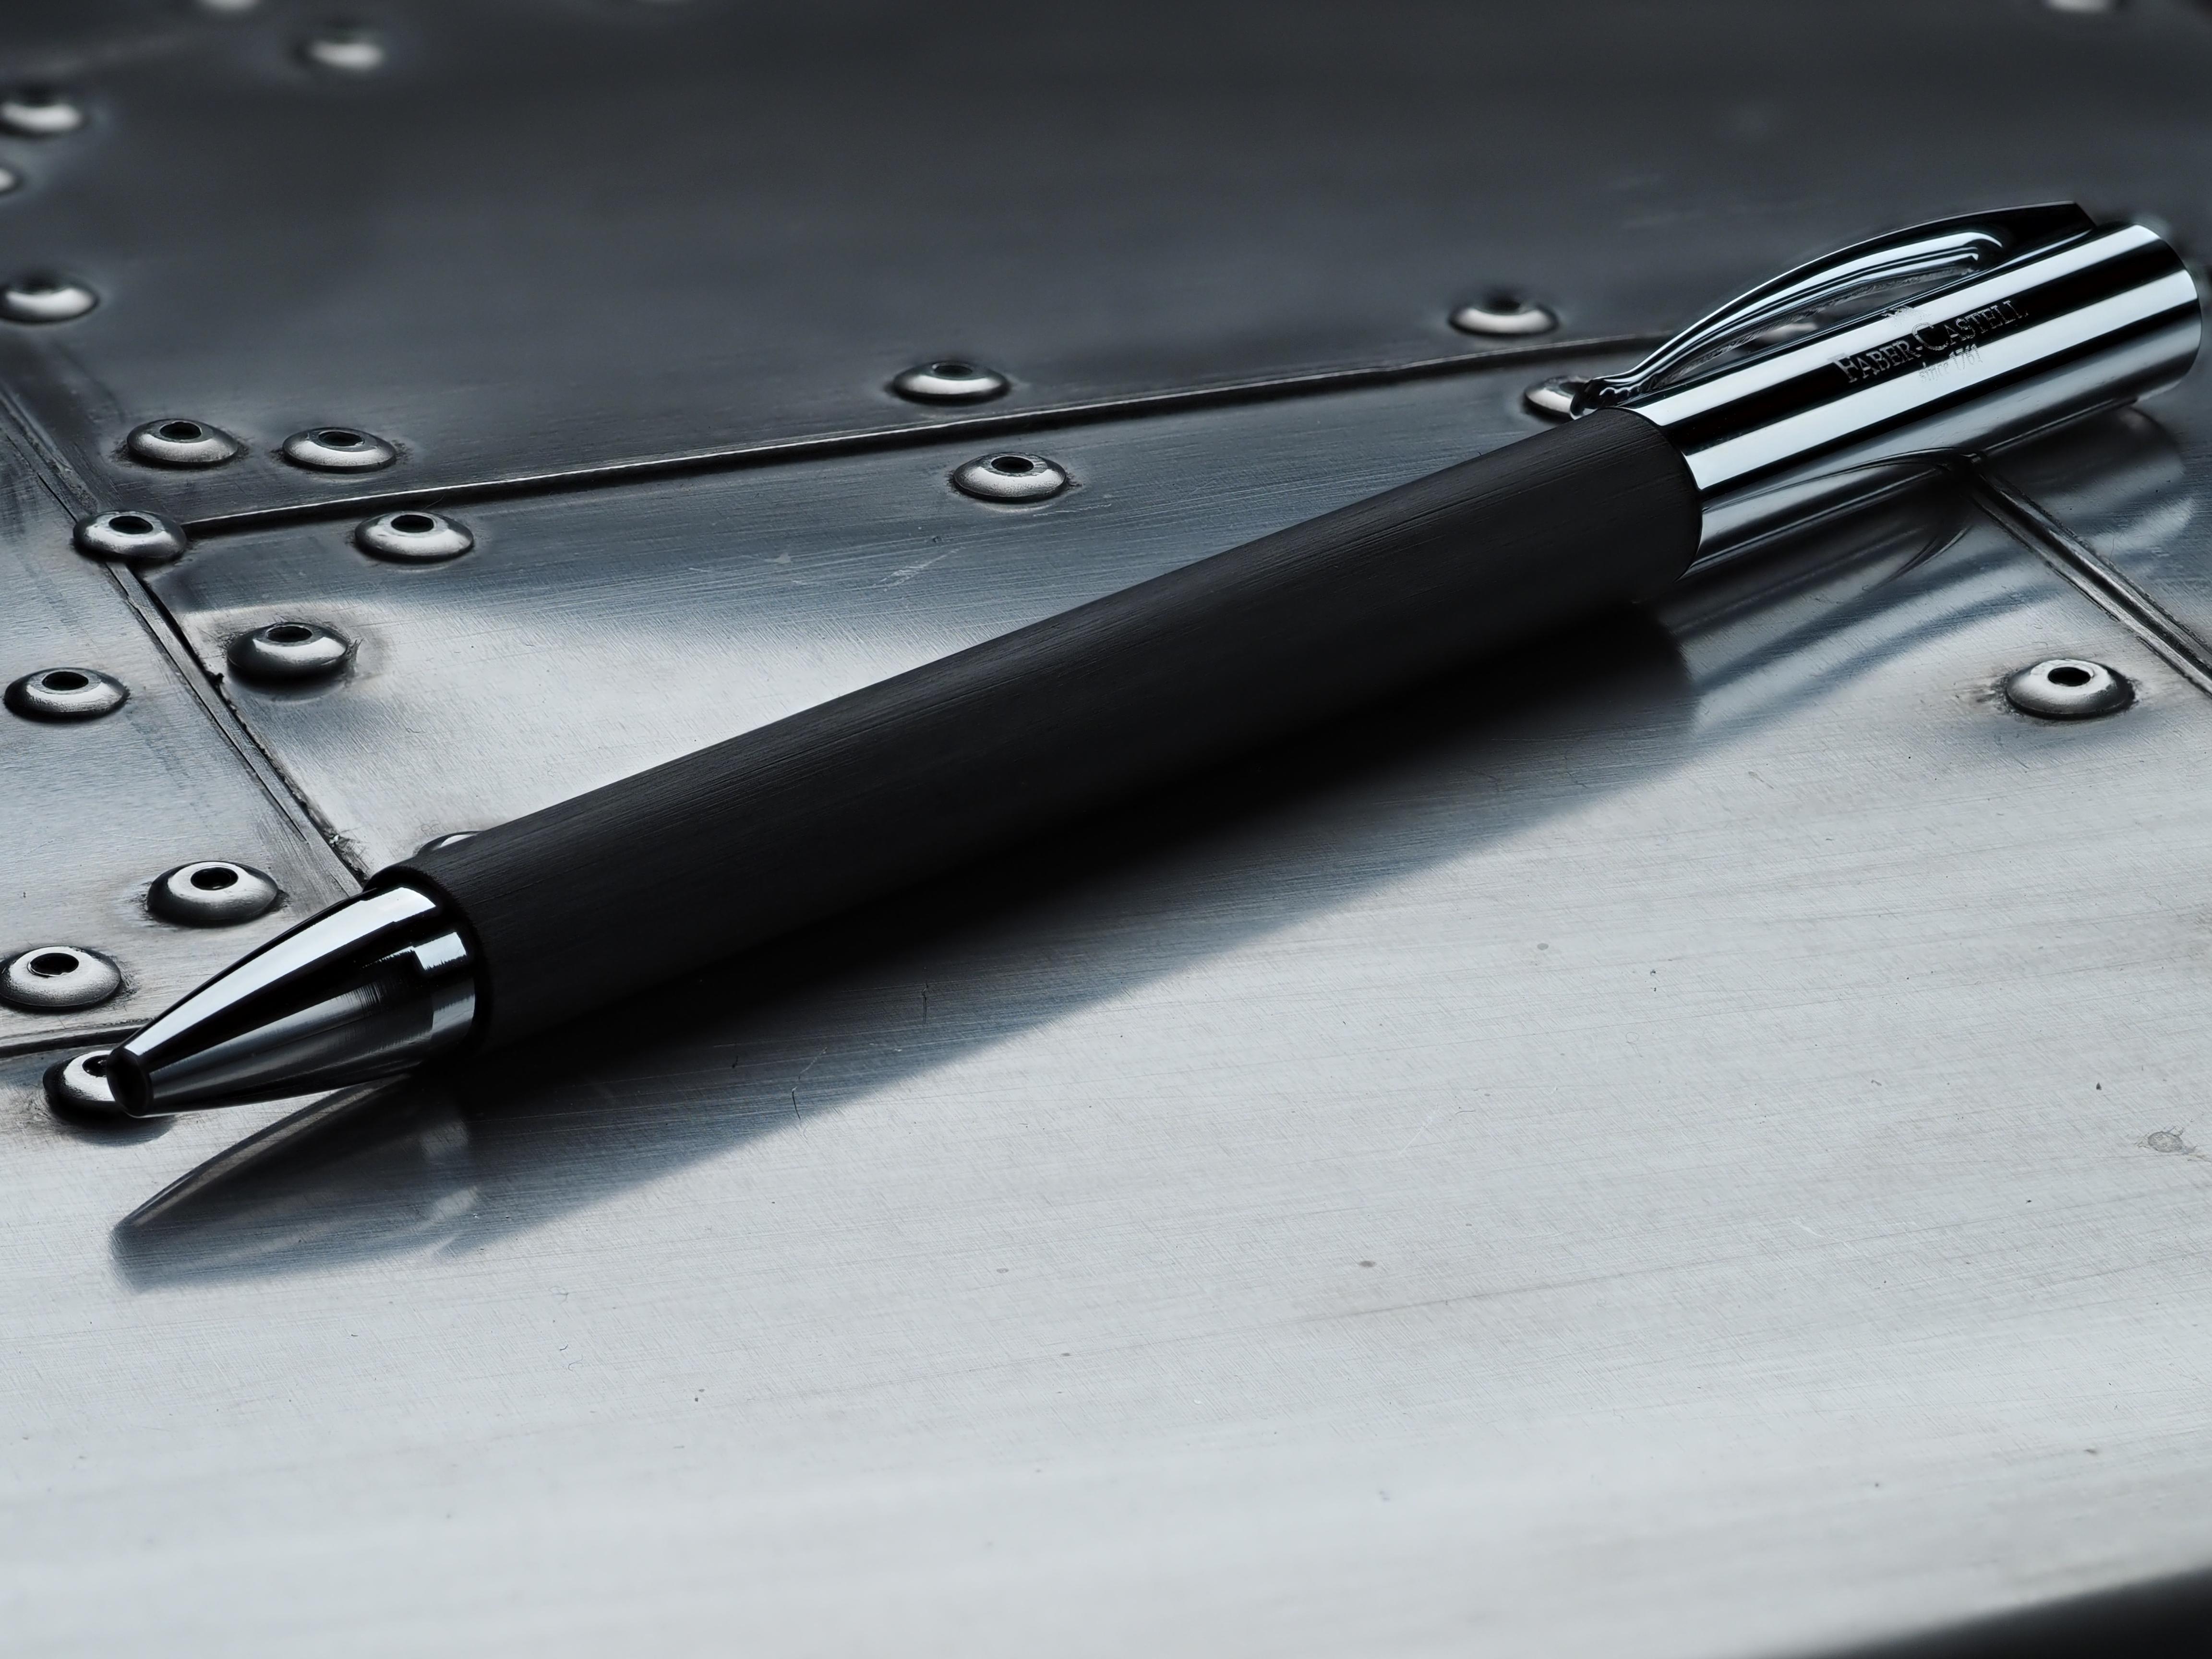 F5.6で深度合成モード。ペン先からクリップまでバッチリとピントが。しかも描写は極めてシャープだ。